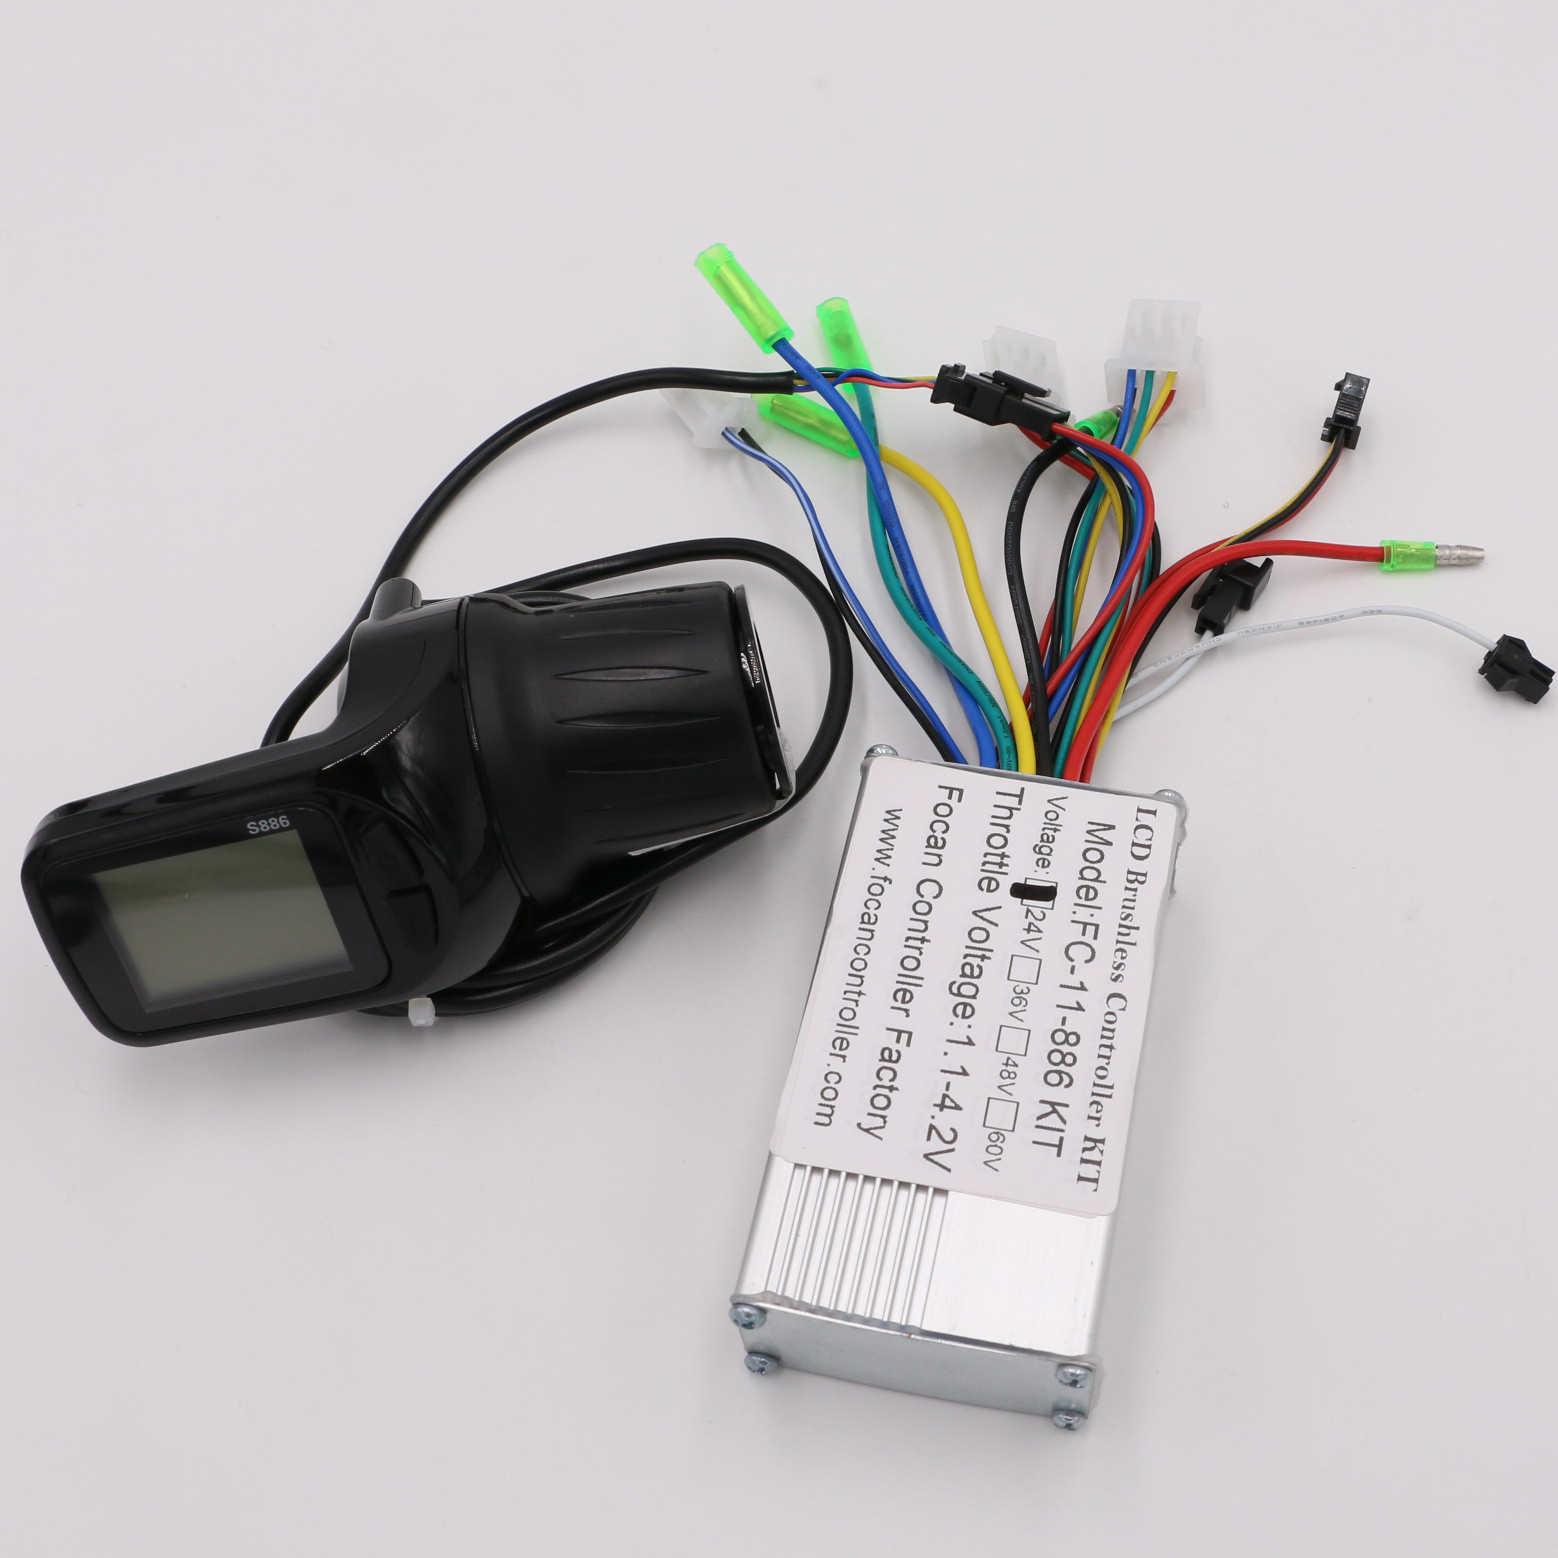 24 V/36 V/48 V silnik bezszczotkowy kontroler panel wyświetlacza lcd kciuk przepustnicy elektryczny rower skuter bezszczotkowy kontroler zestaw